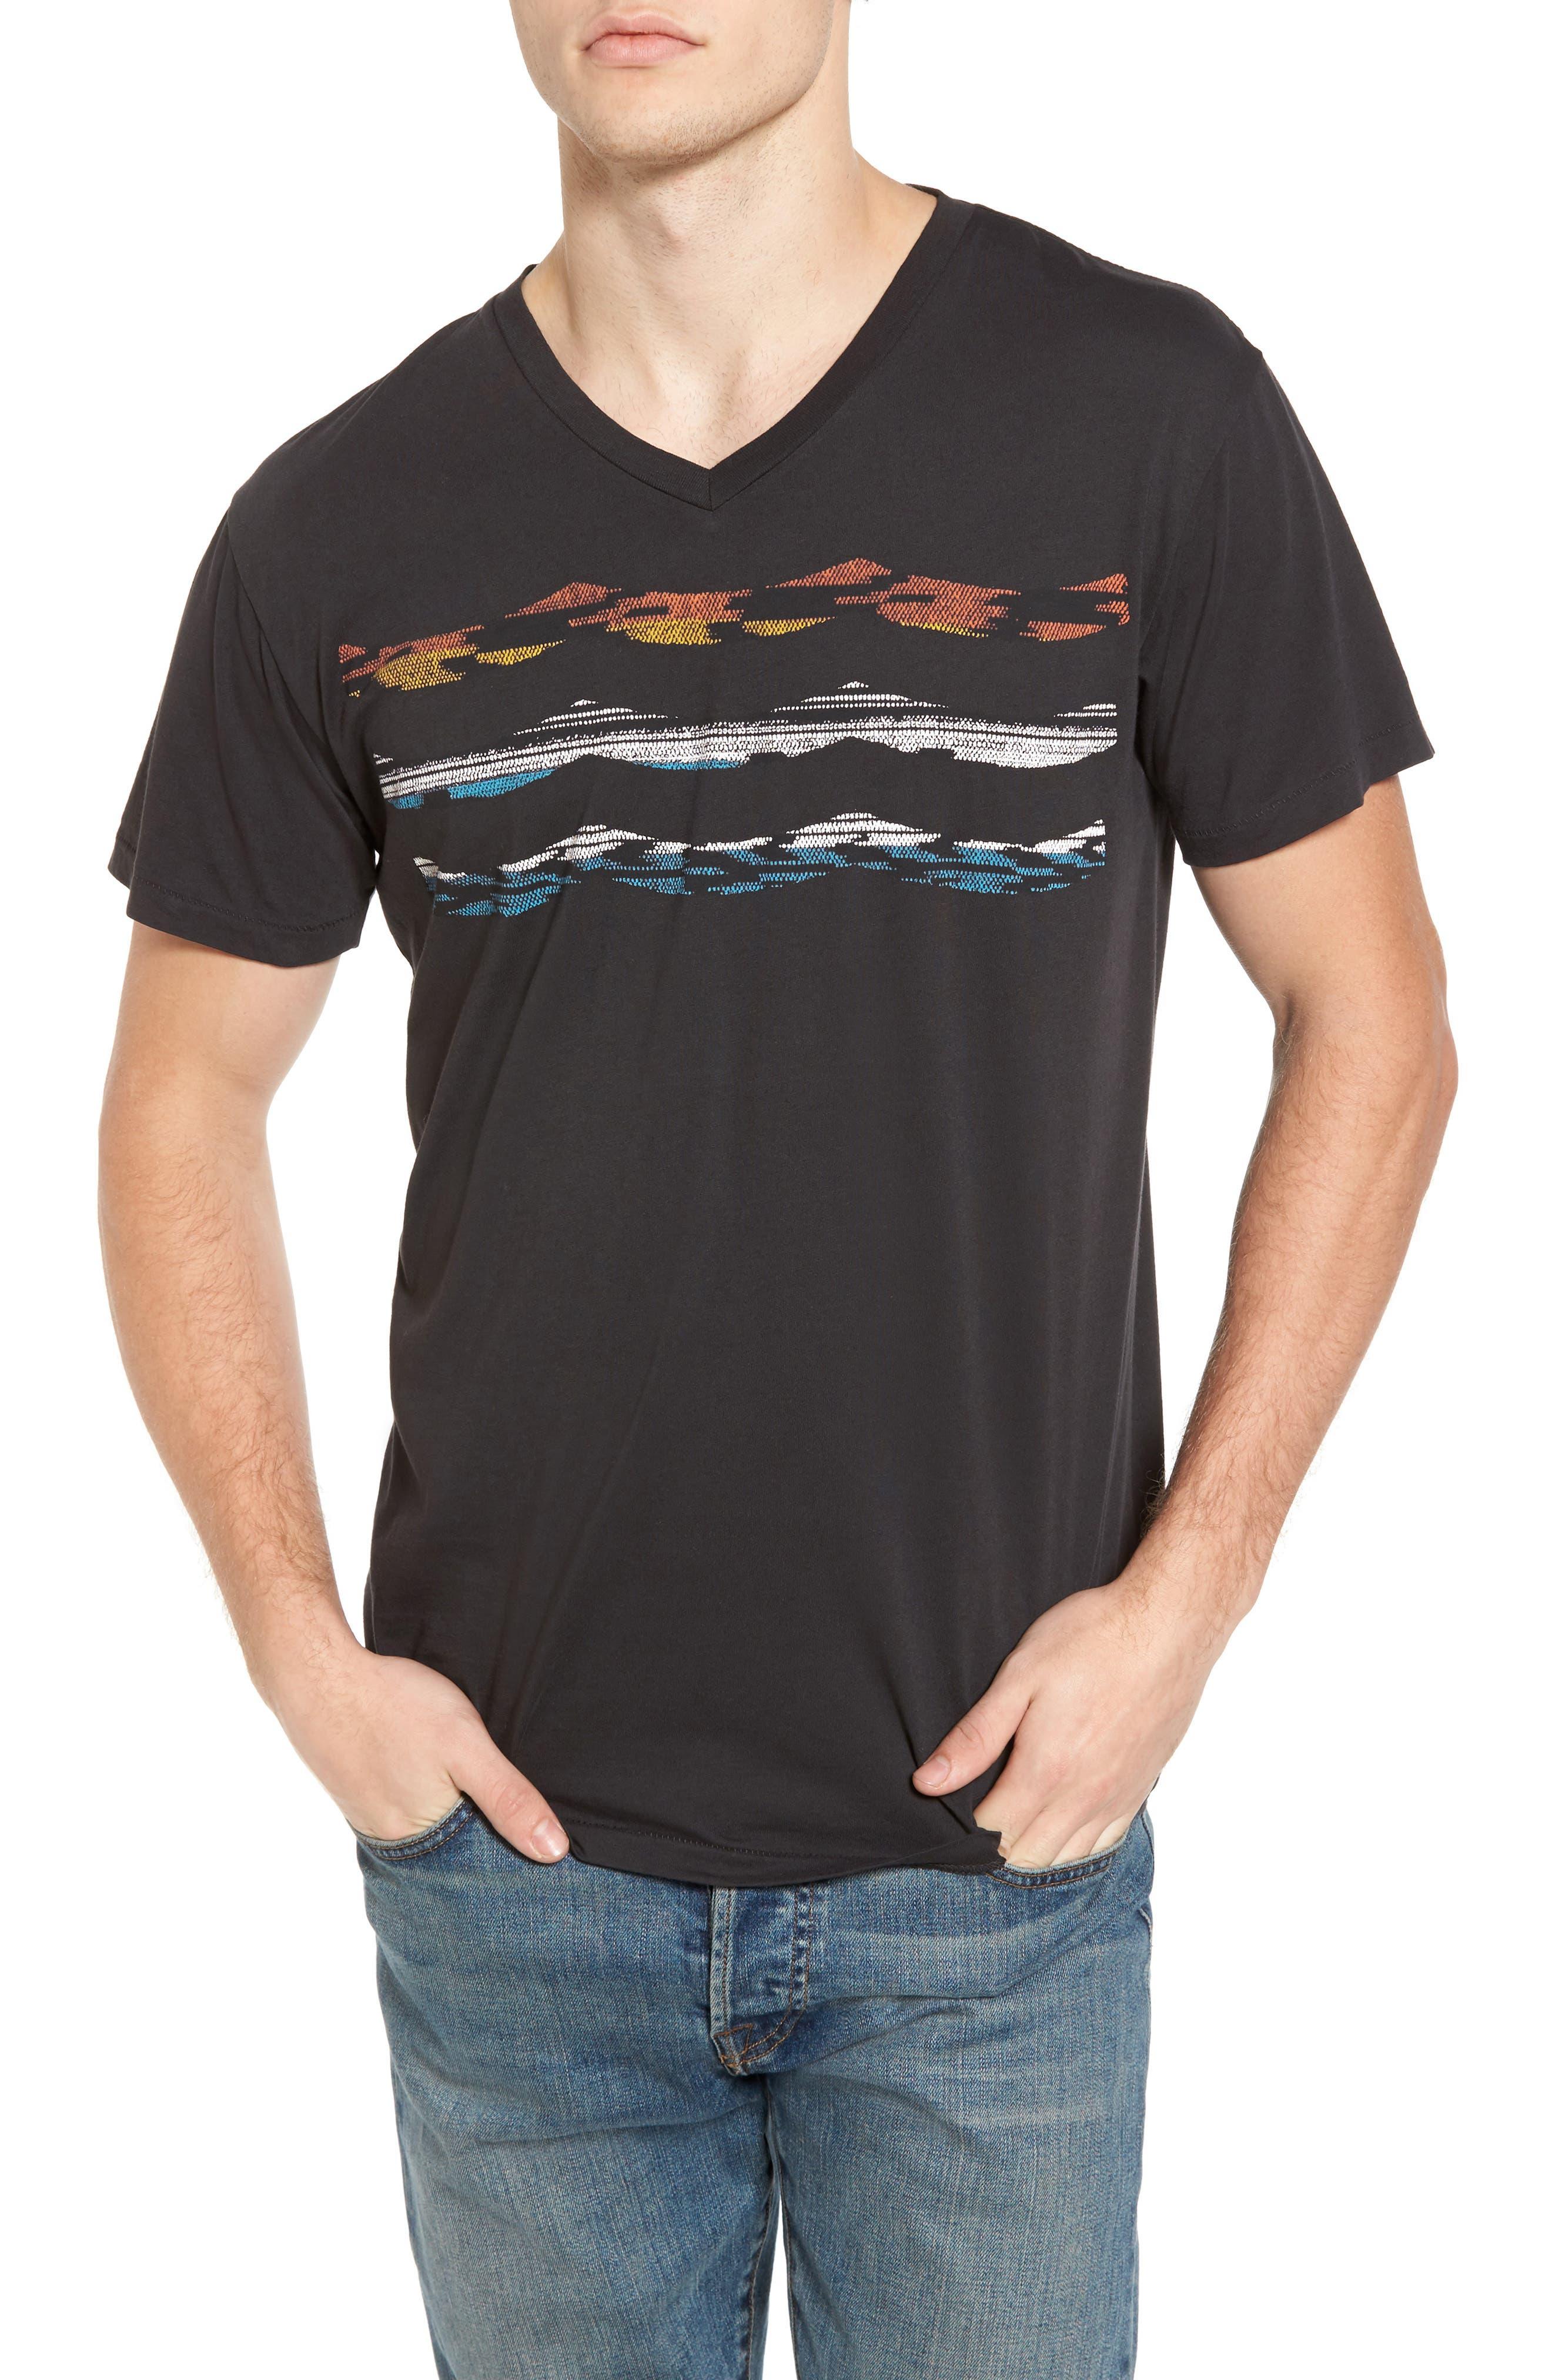 Madrugada Waves T-Shirt,                             Main thumbnail 1, color,                             V Black